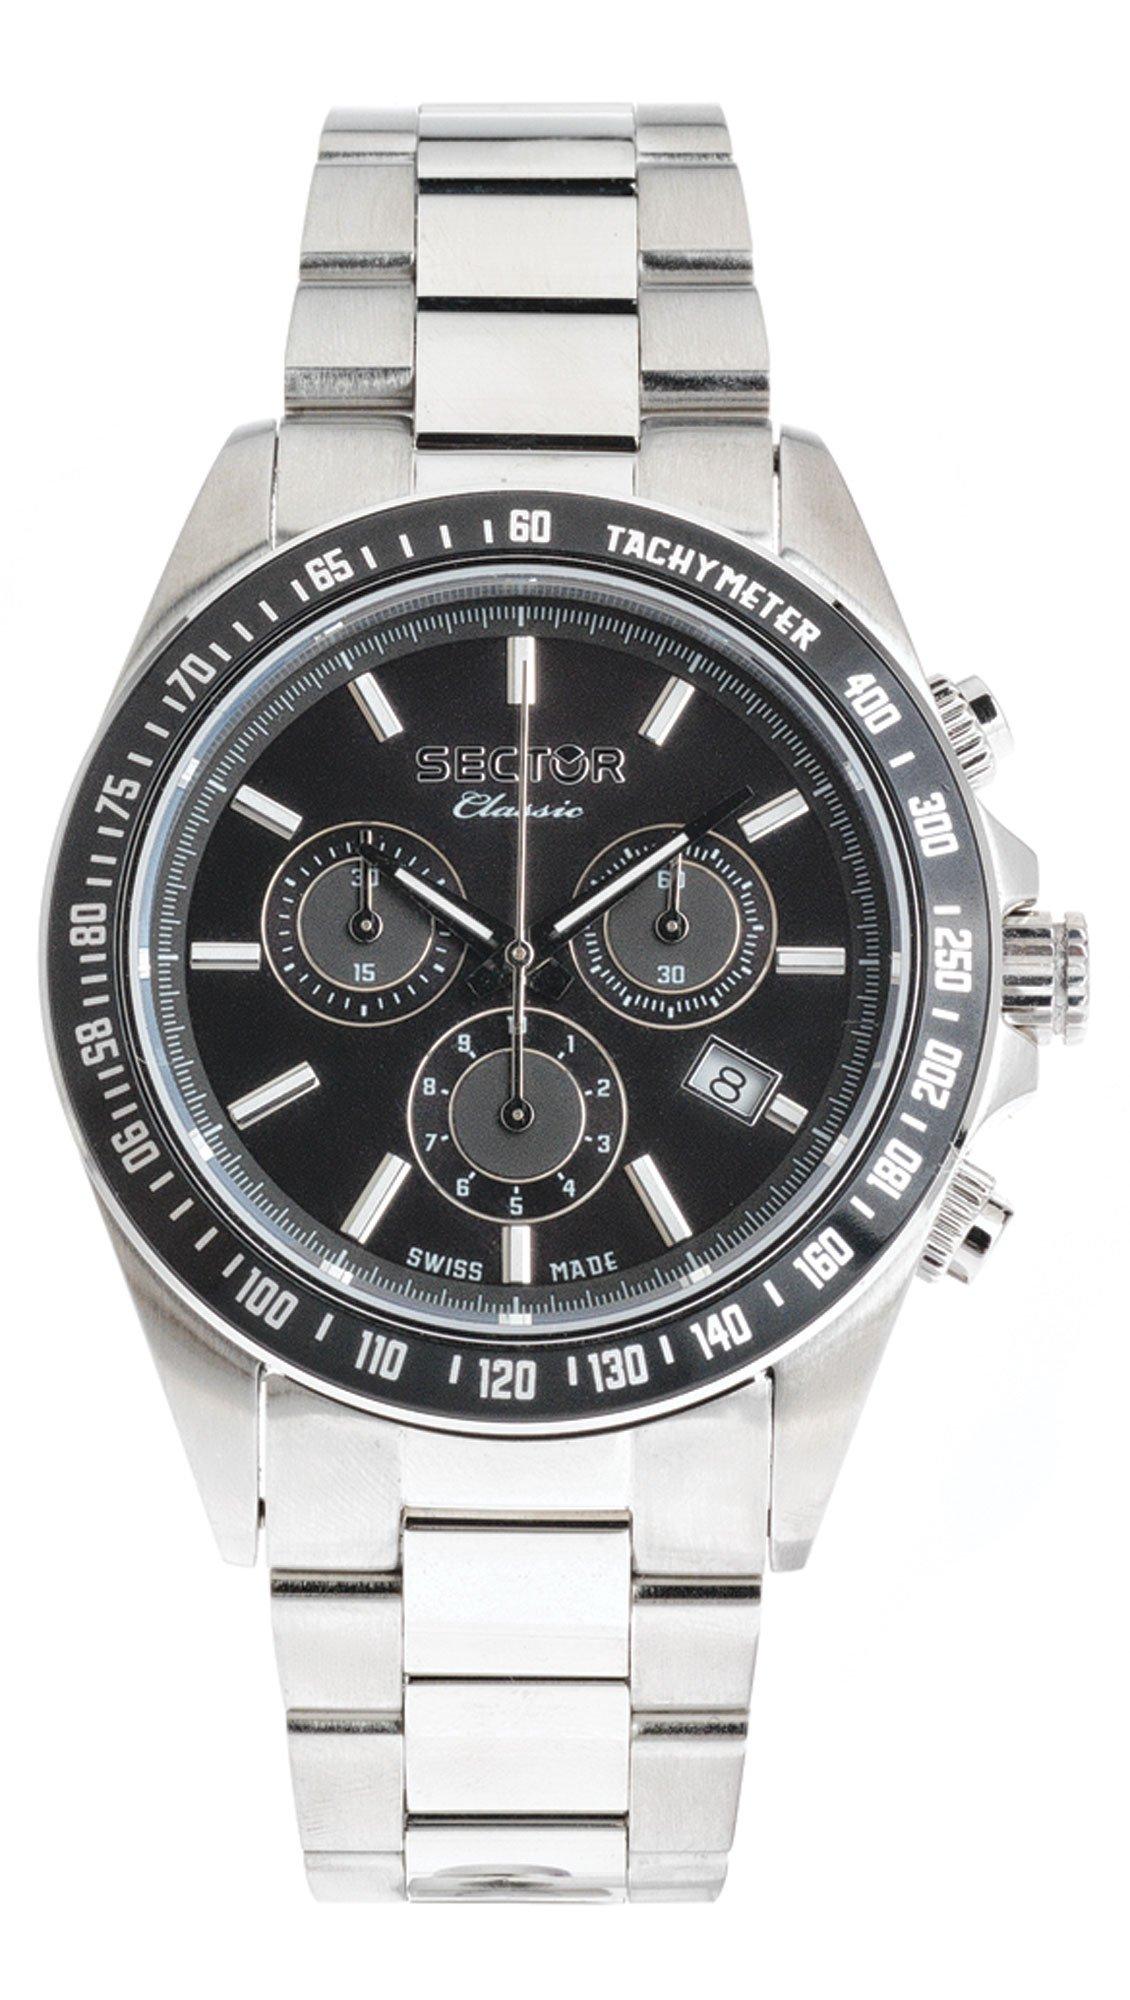 Ρολόι Sector Classic χρονογράφος με ασημί μπρασελέ R3273785005 ... 922d3d0f7d6